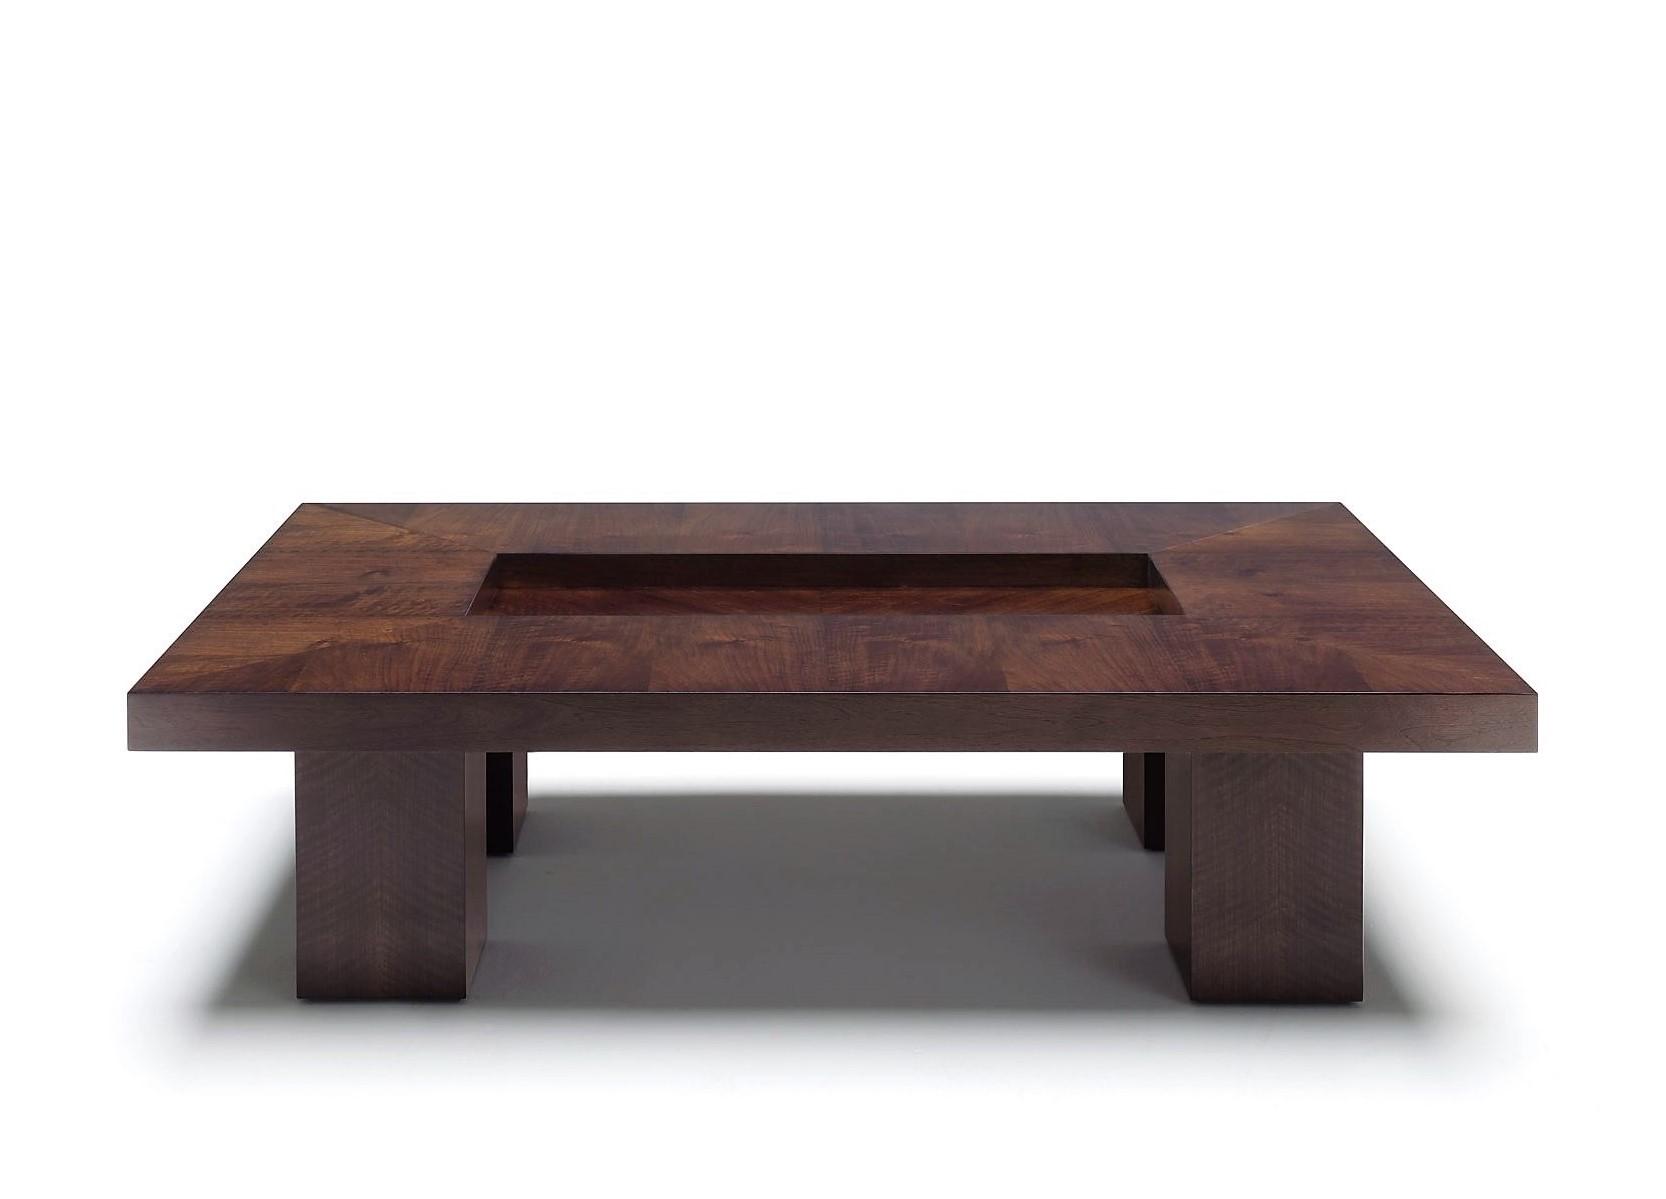 Muebles Capaces De Adaptarse Al Estilo Y Decoraci N Personal # Muebles Diferentes Estilos